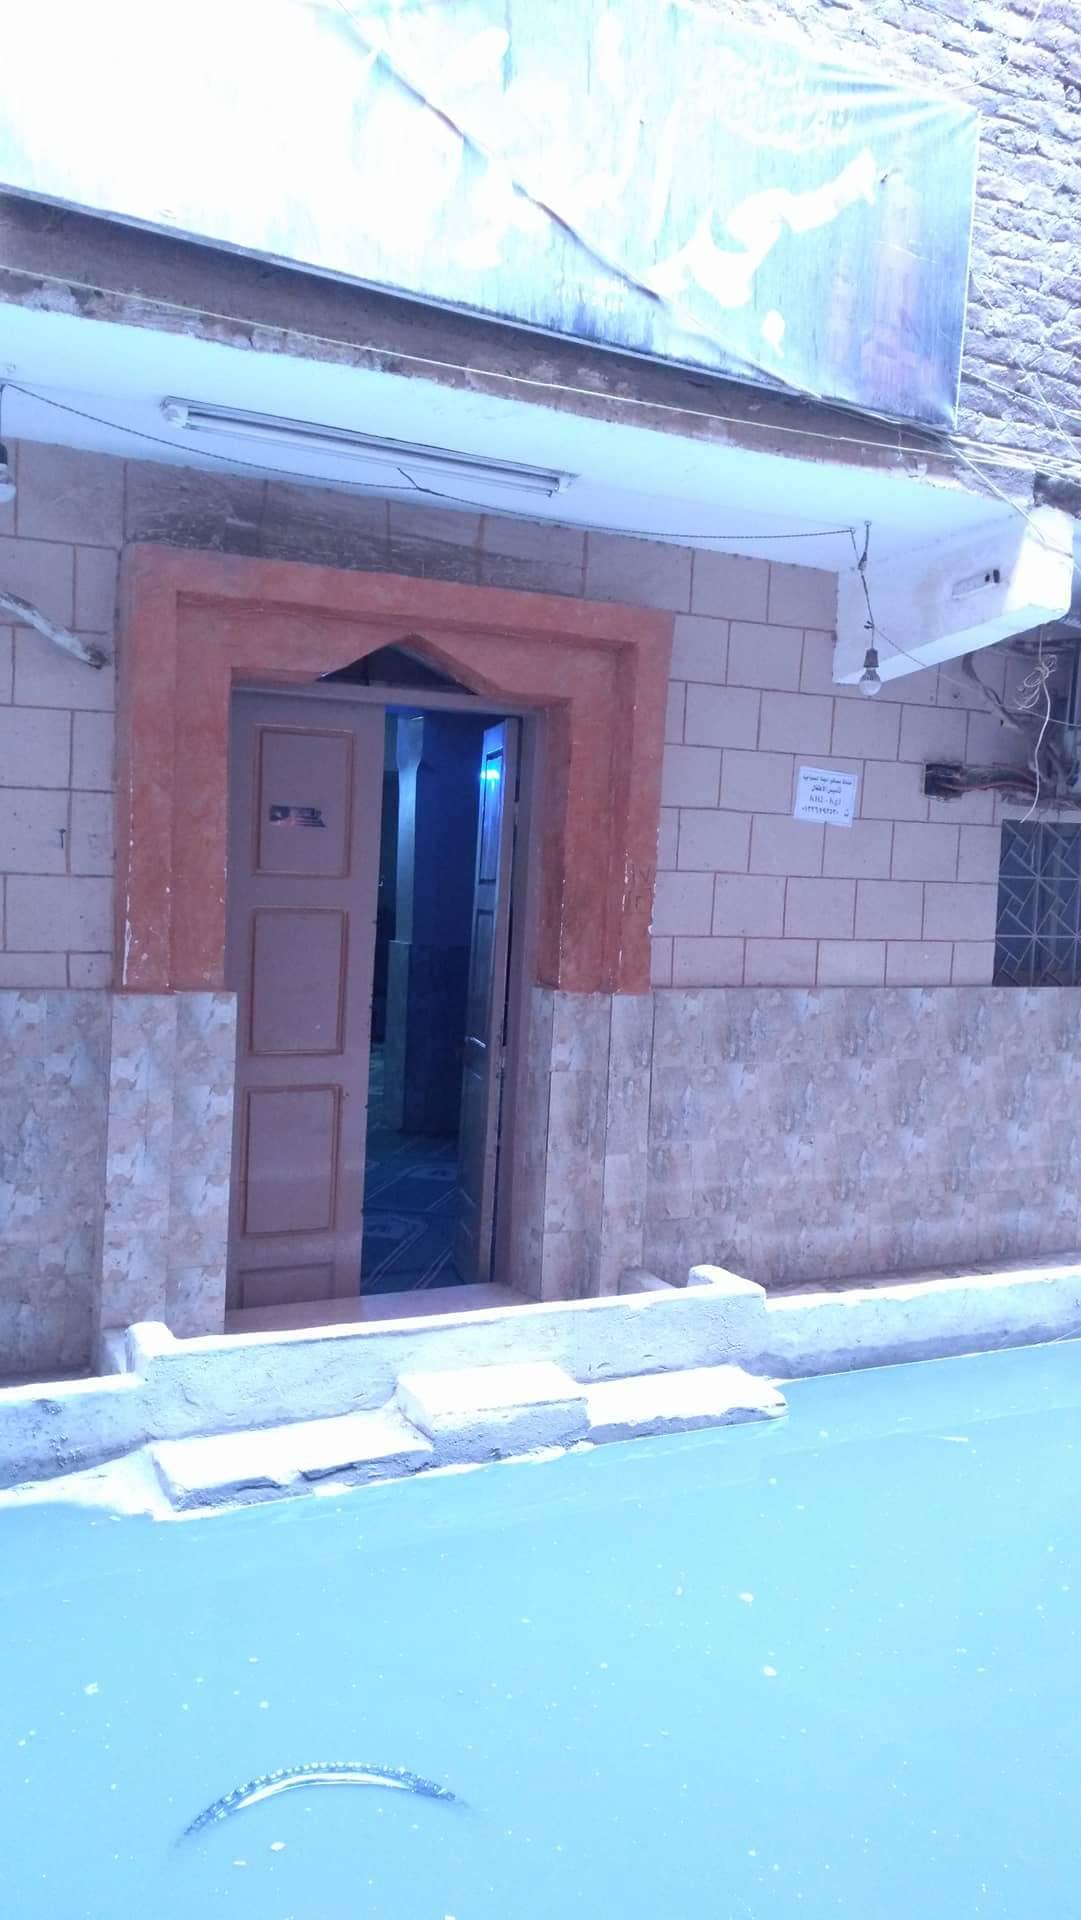 غرق مساجد عزبه علام بالصرف الصحي